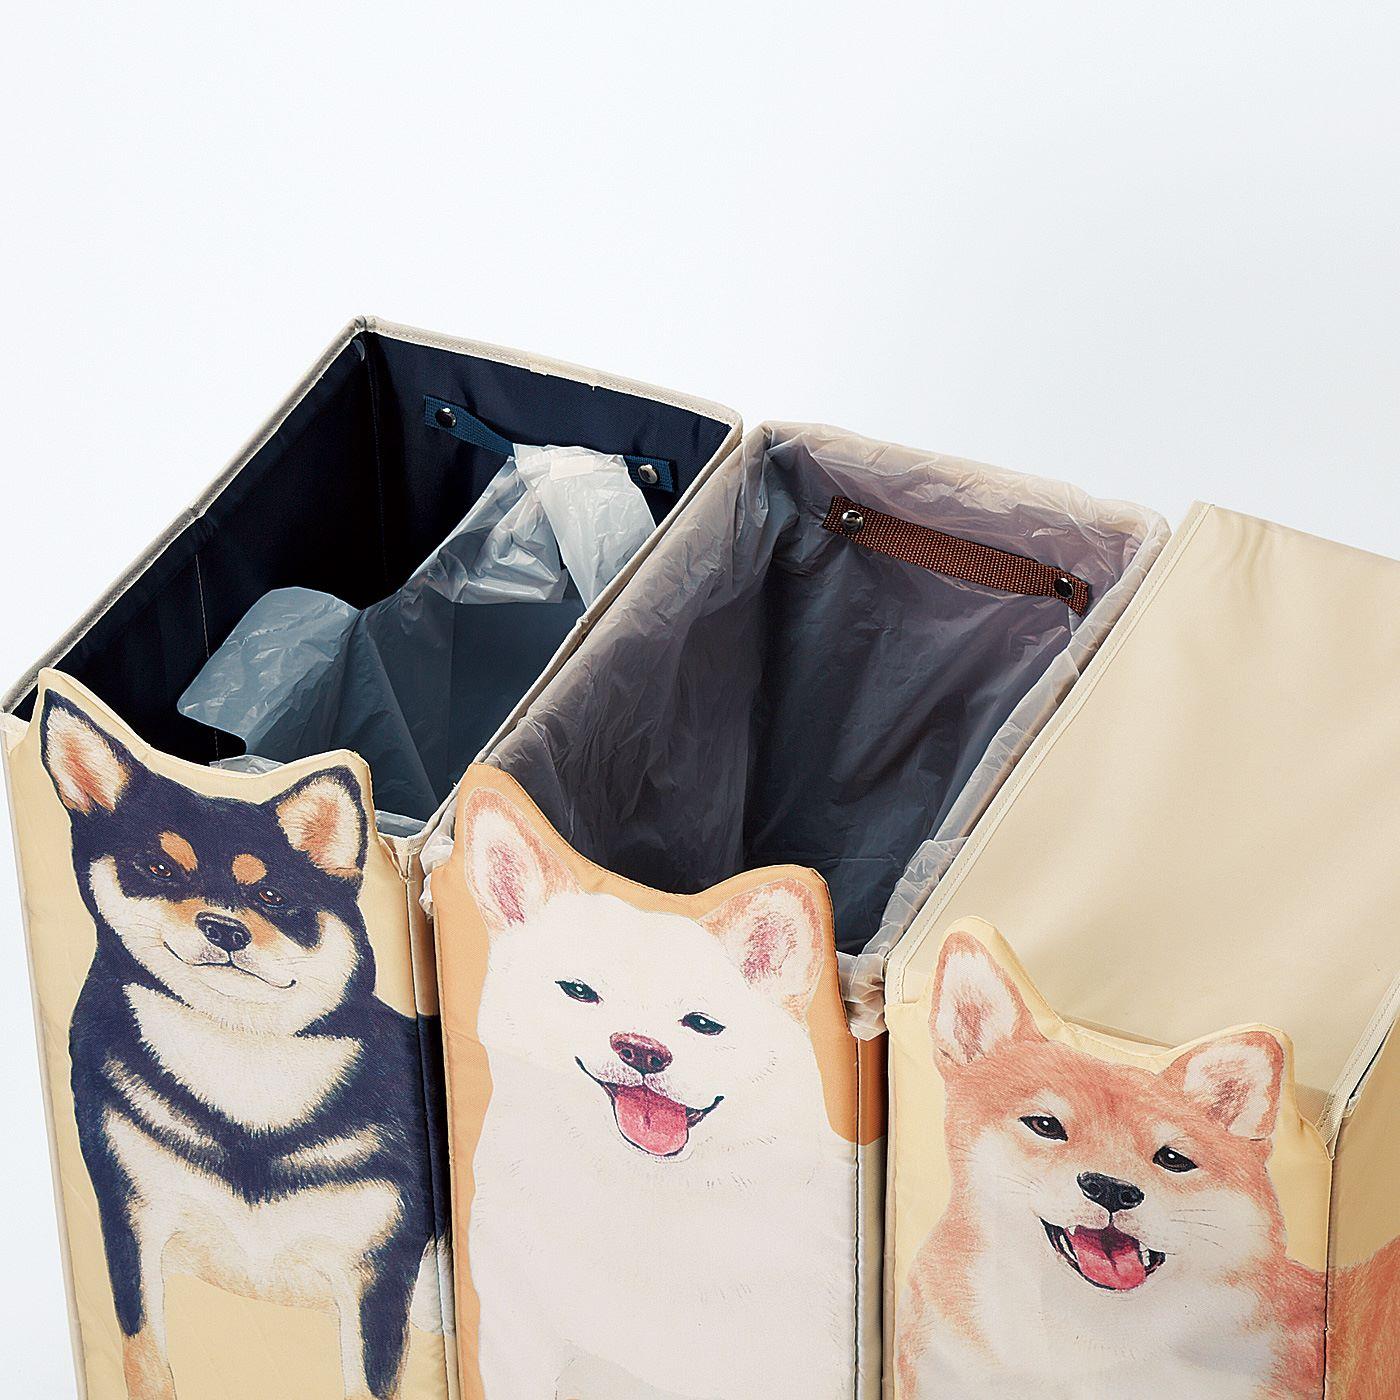 45Lまでのごみ袋や、レジ袋を留められるスナップボタン付き。3匹並べればごみの分別もおまかせ。